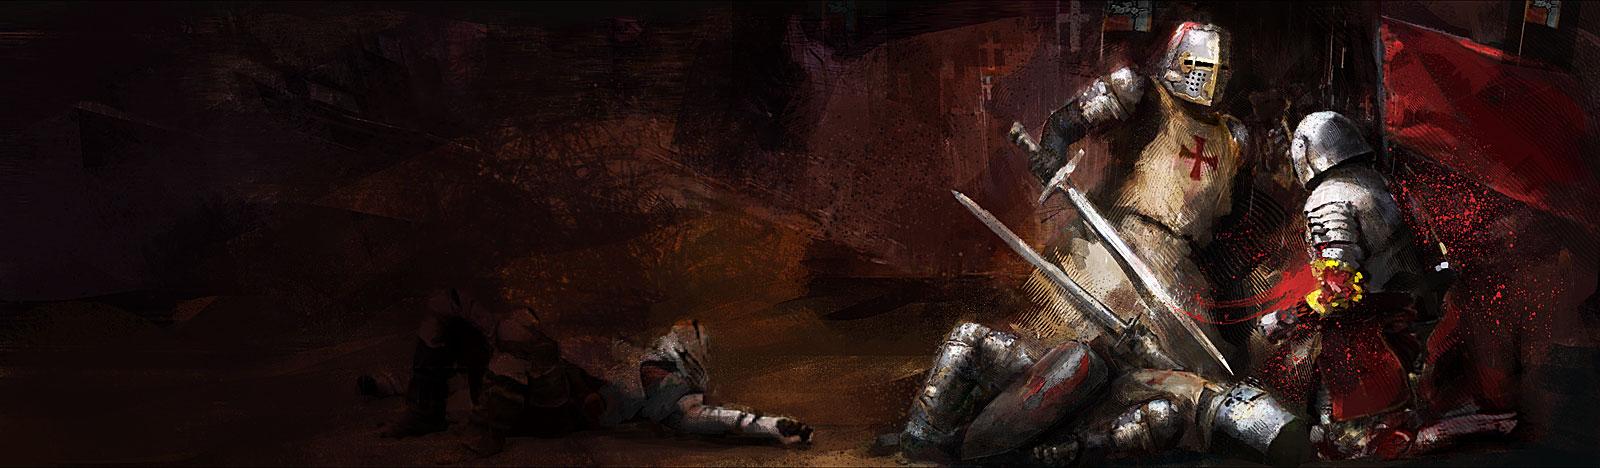 Crusade1.jpg